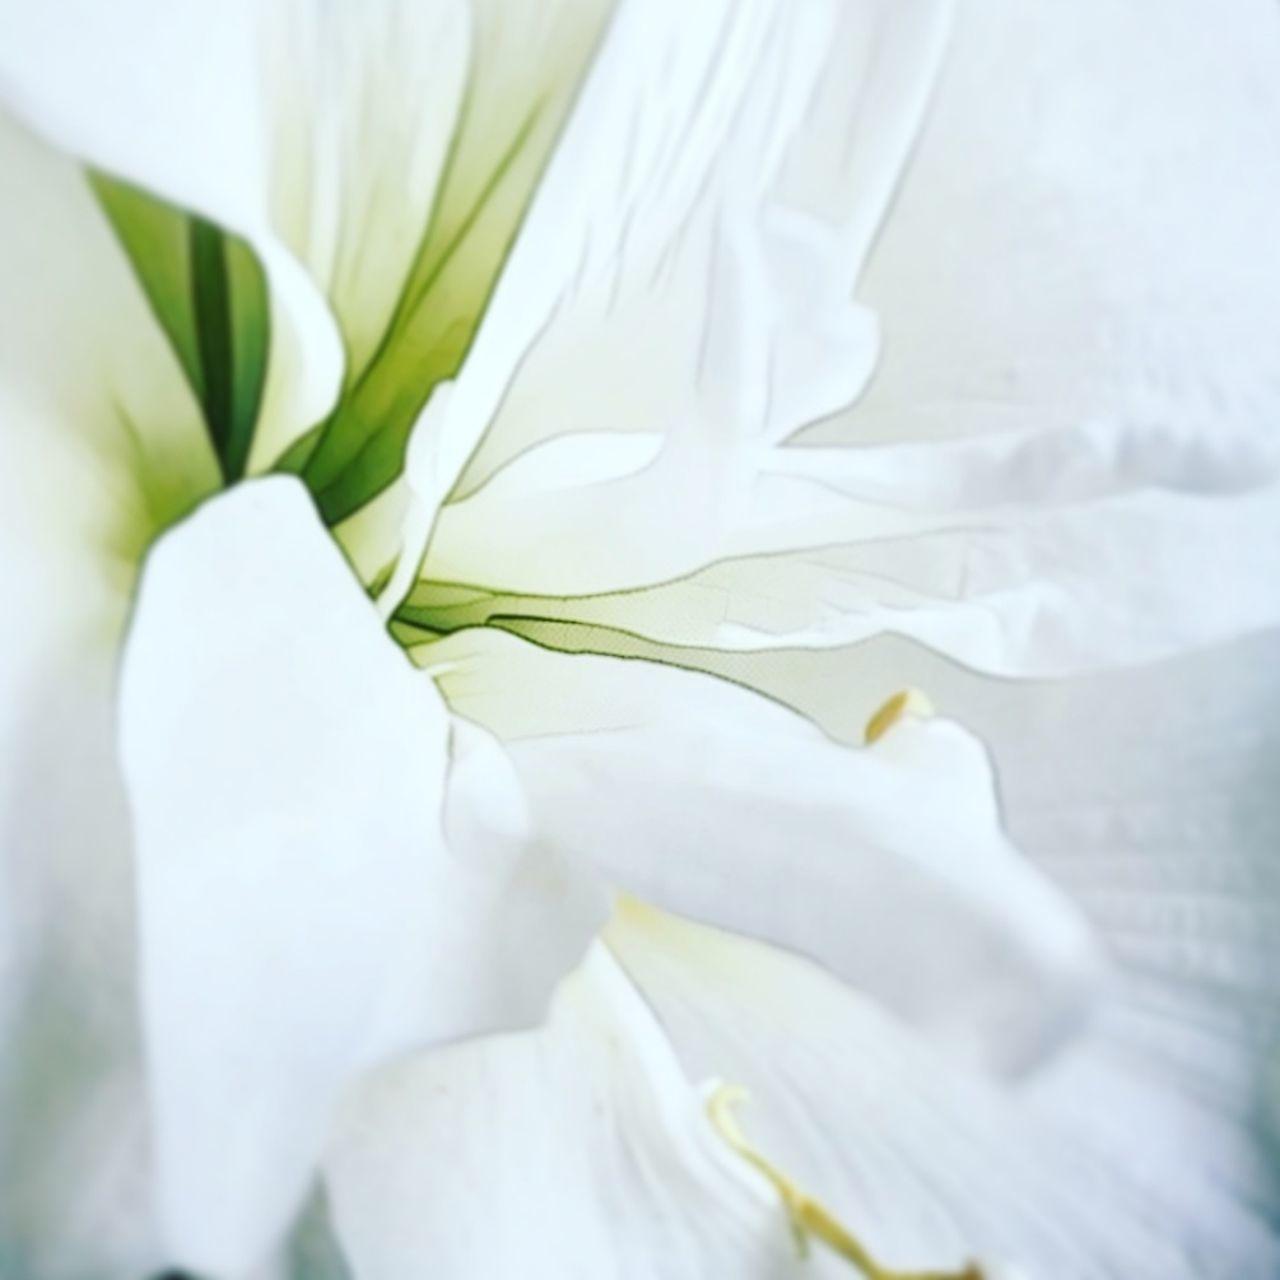 White Flower White Color Flower Amarylis Weiss Weiss Blütenzauber Blütenschönheit Flowerporn Flowers Blüte